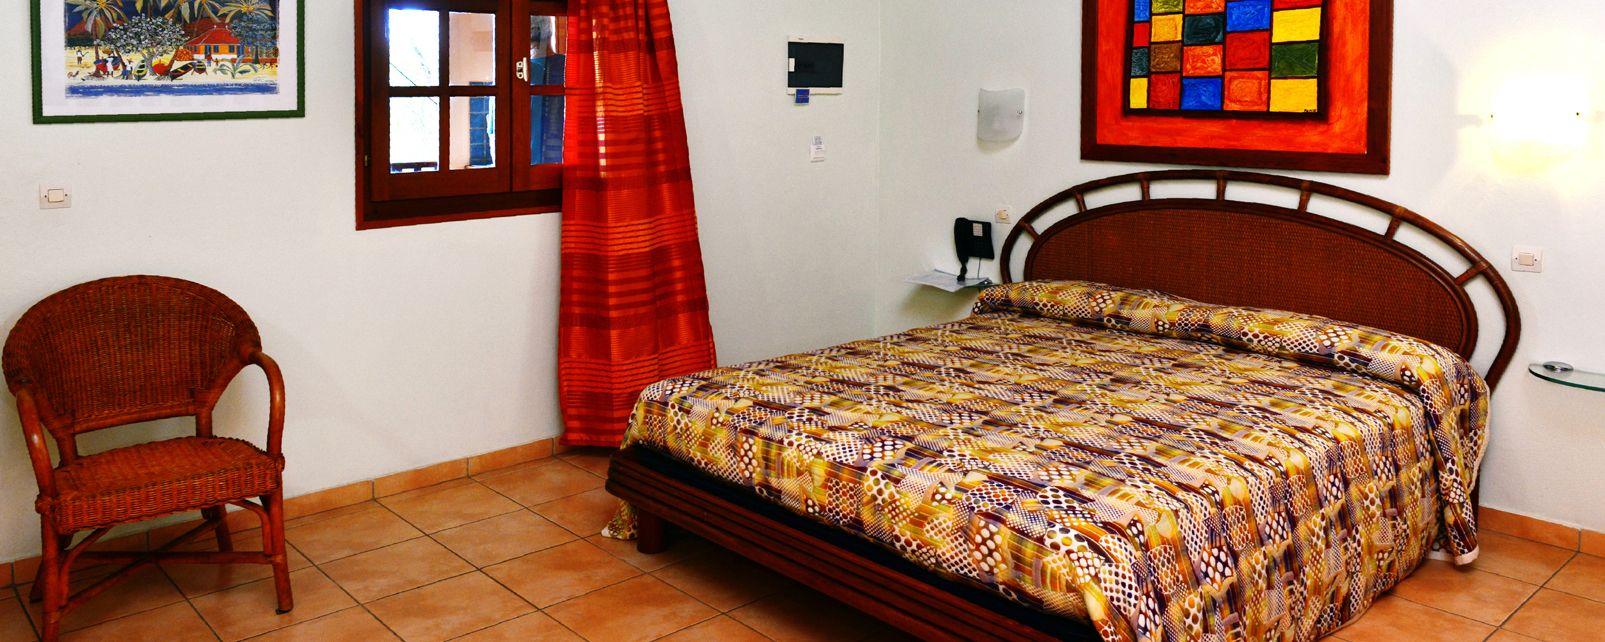 Hotel Ti'Sucrier